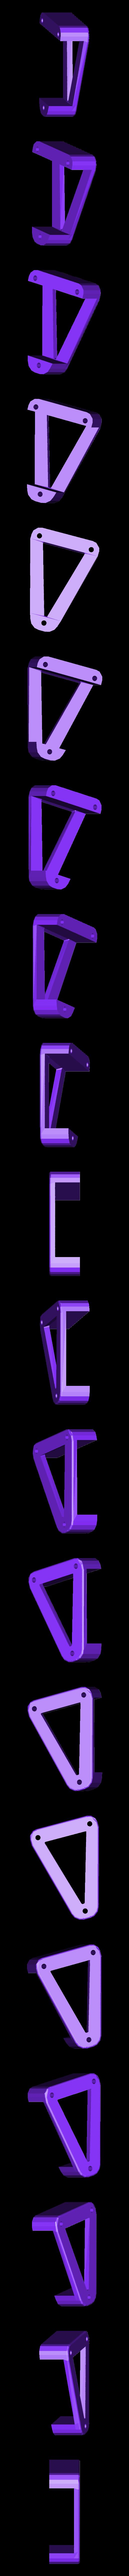 holder1.stl Télécharger fichier STL gratuit Ultimakers support de tampons pour refroidisseurs d'eau 1 • Objet à imprimer en 3D, yttrium